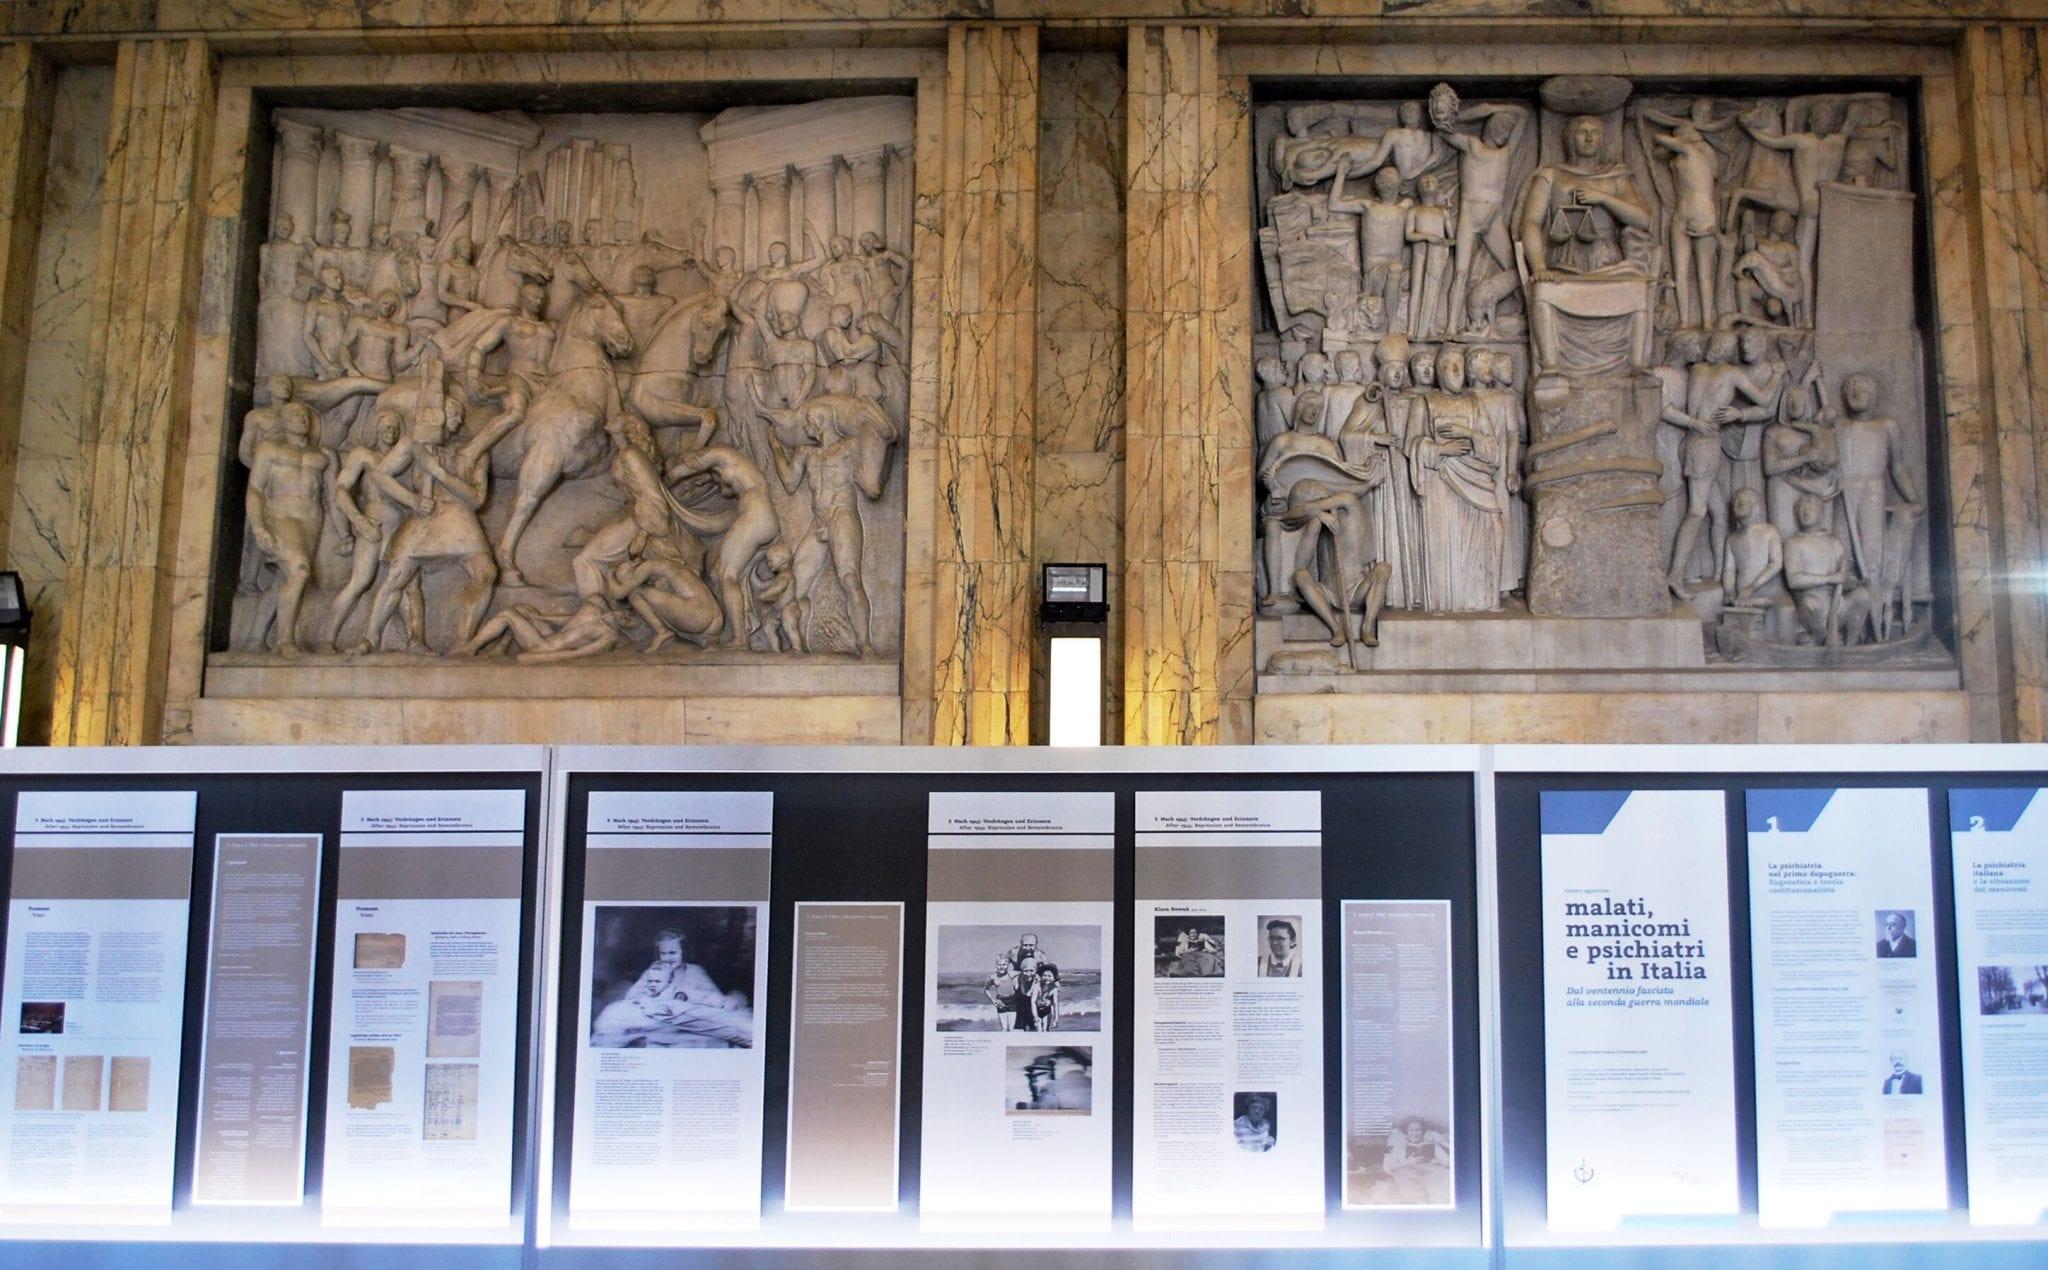 Schedati, perseguitati, sterminati. Gli orrori del nazismo, a Udine